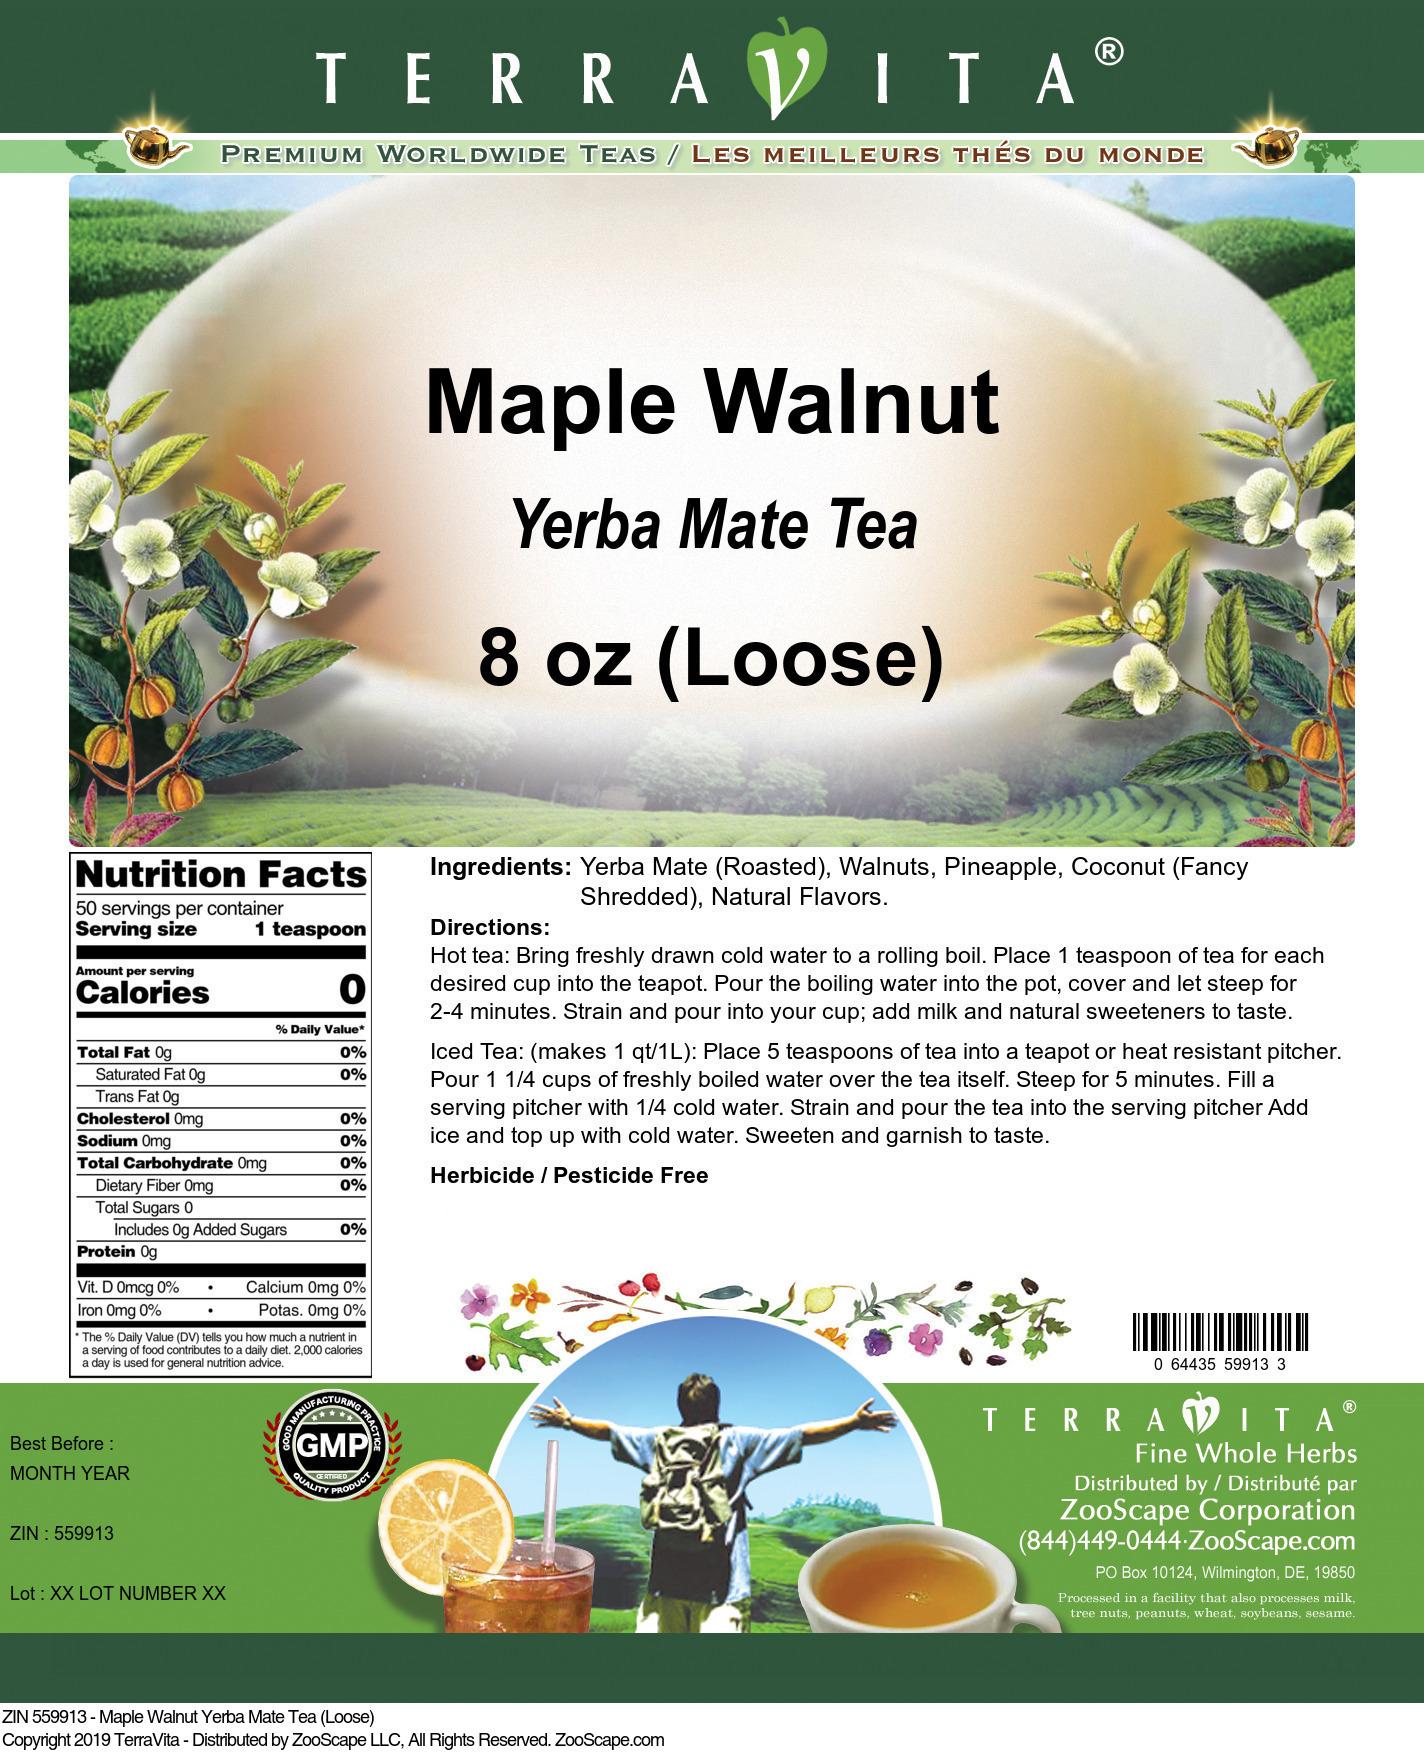 Maple Walnut Yerba Mate